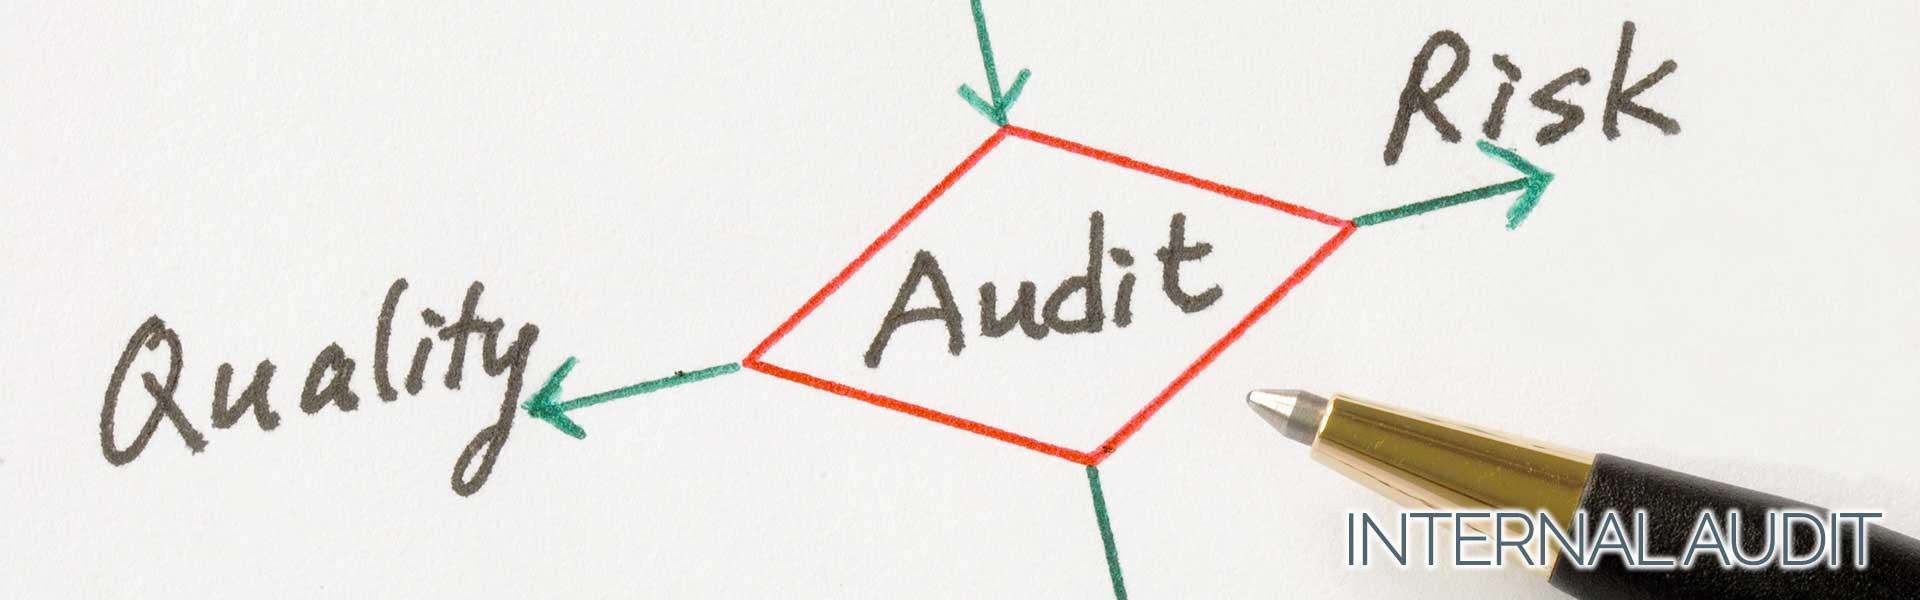 banner-audit